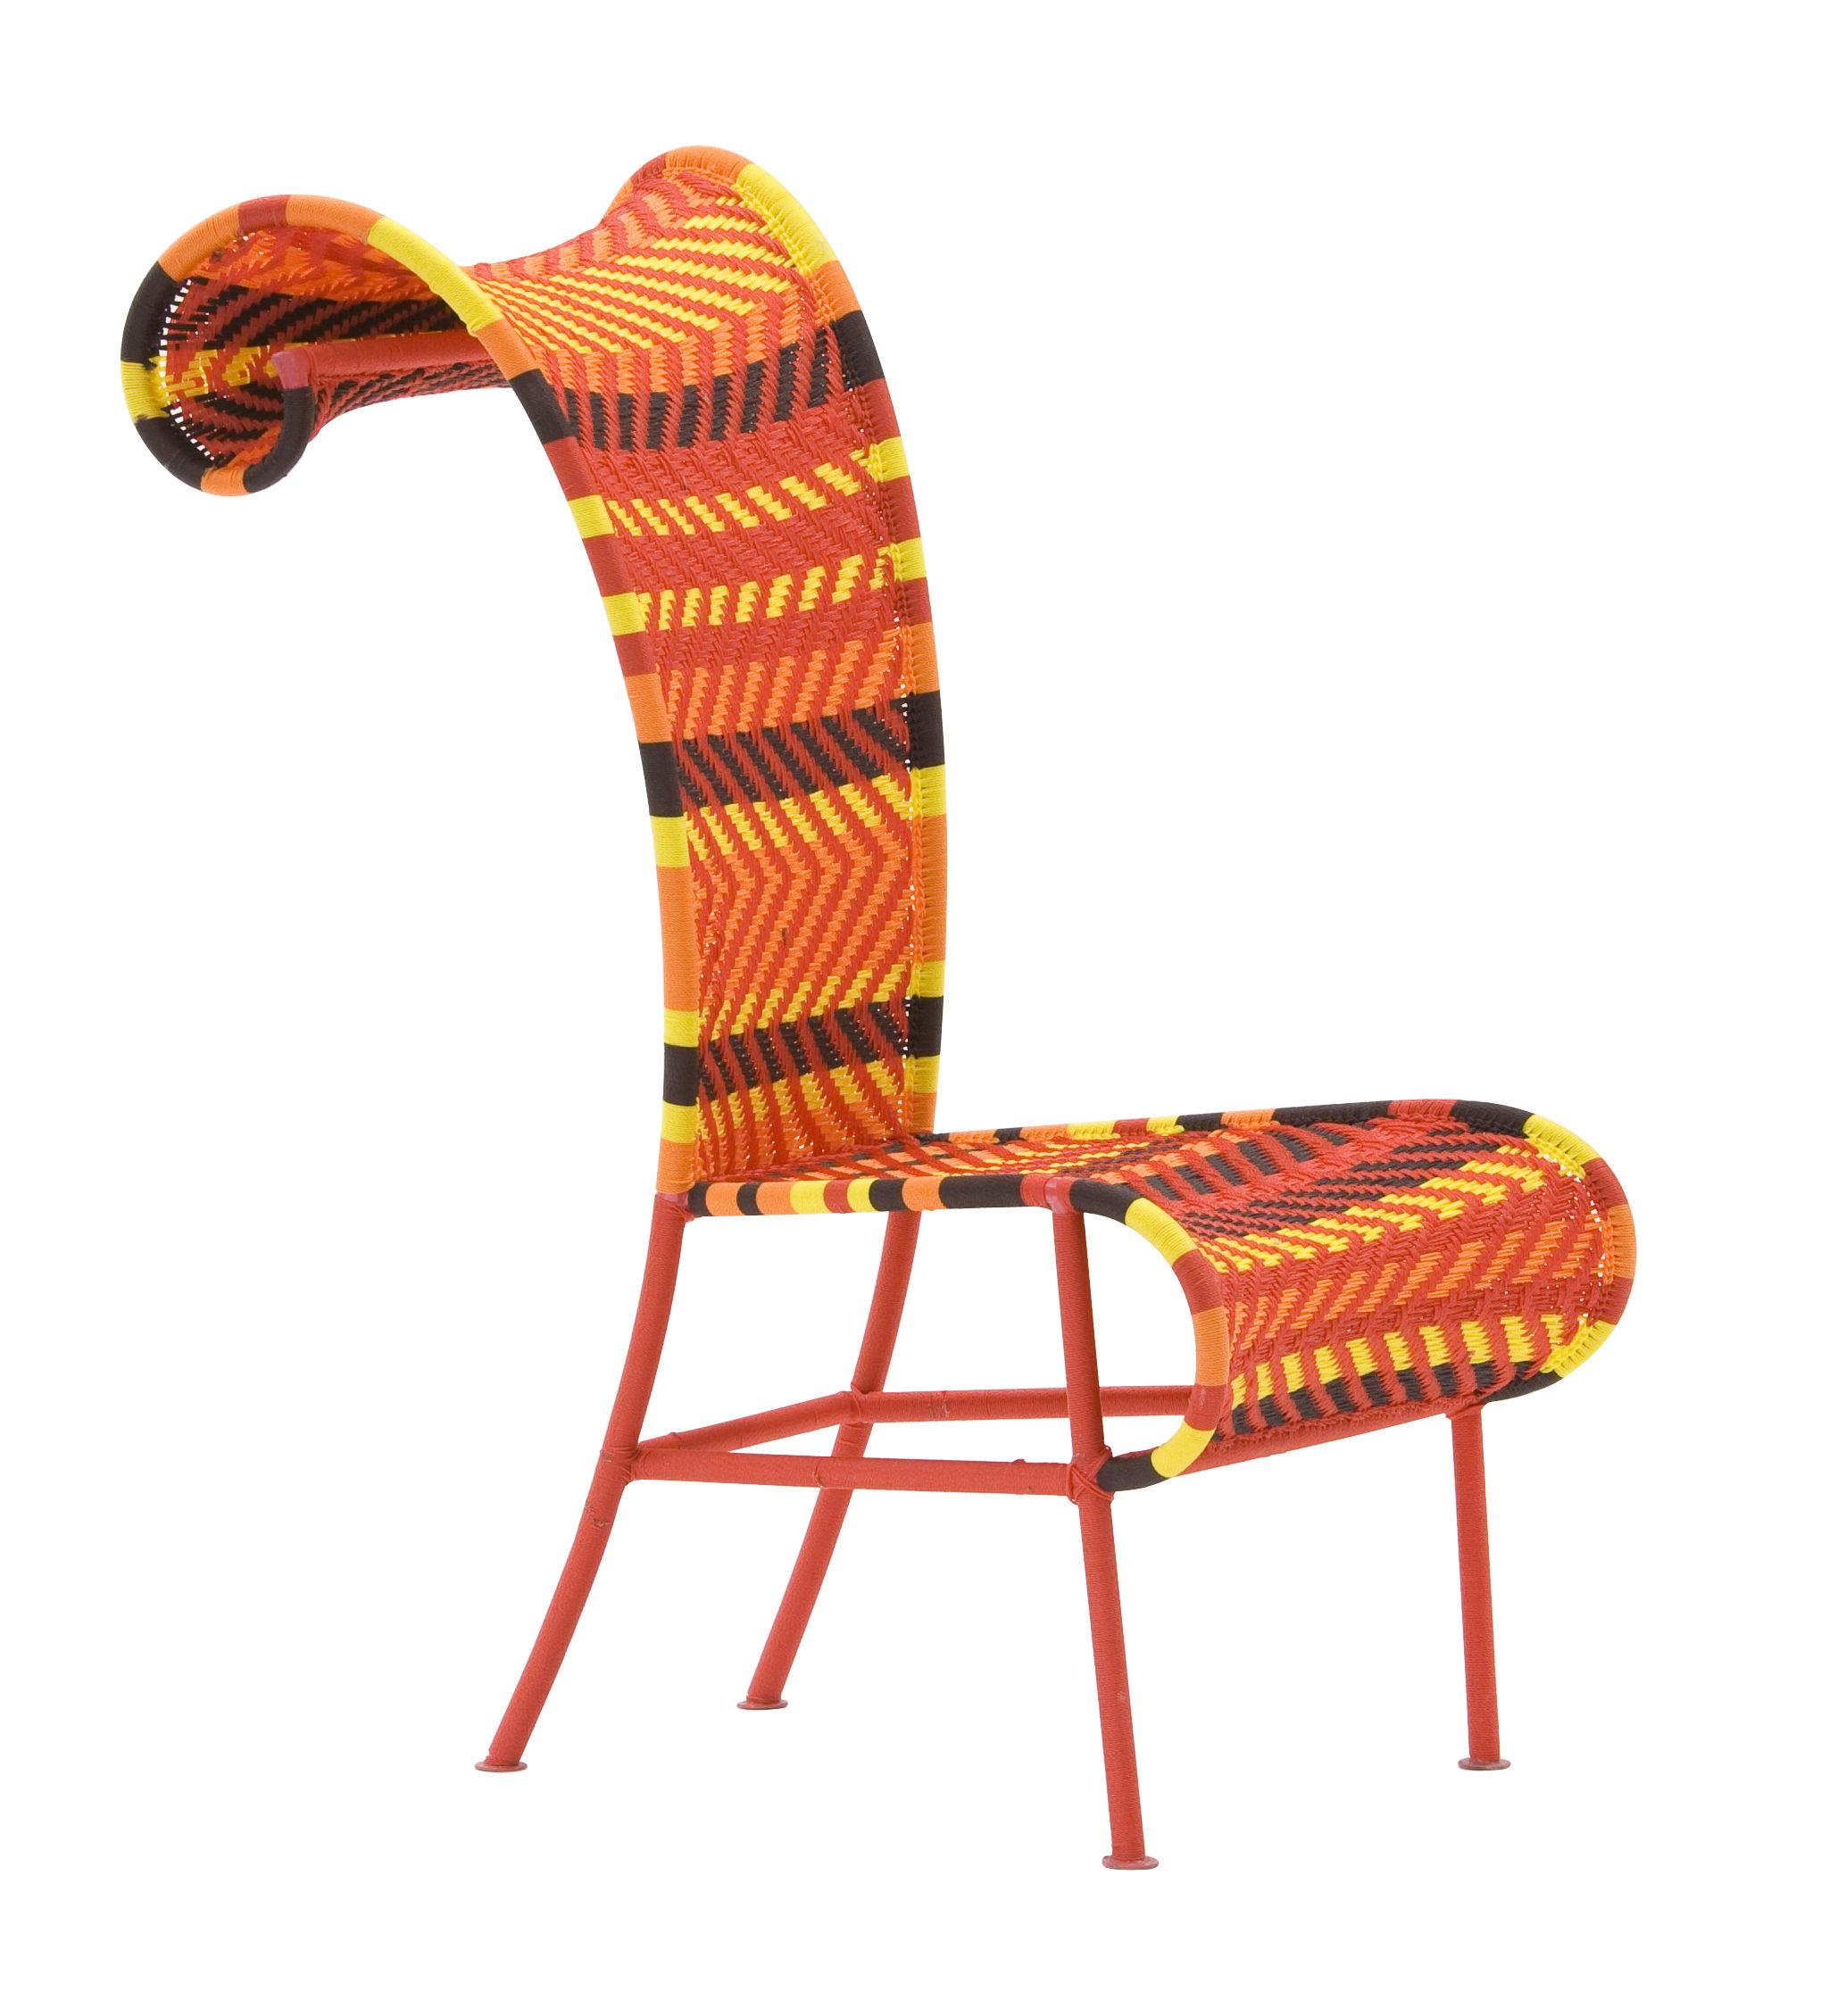 Arredamento - Sedie  - Sedia Shadowy - Sunny di Moroso - Multired (arancione, giallo, marrone, rosso) - Acciaio verniciato, Fili in plastica